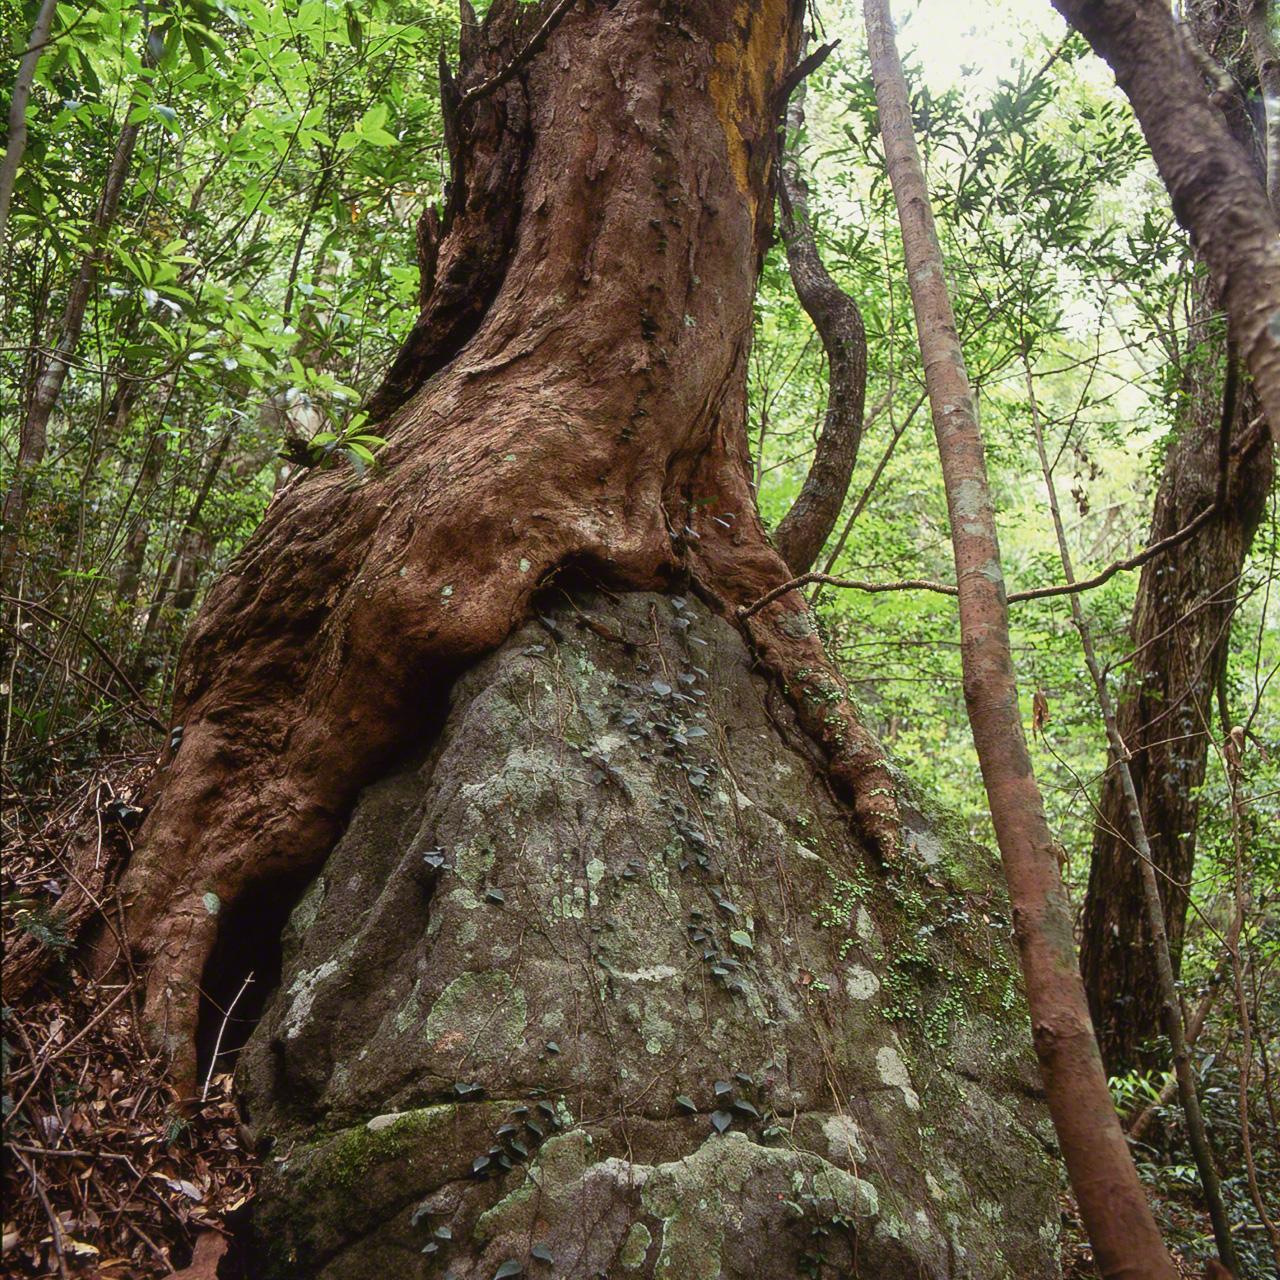 Distylium racemosum, дерево семейства Hamamelidaceae, корни которого как будто намерены поглотить скалу